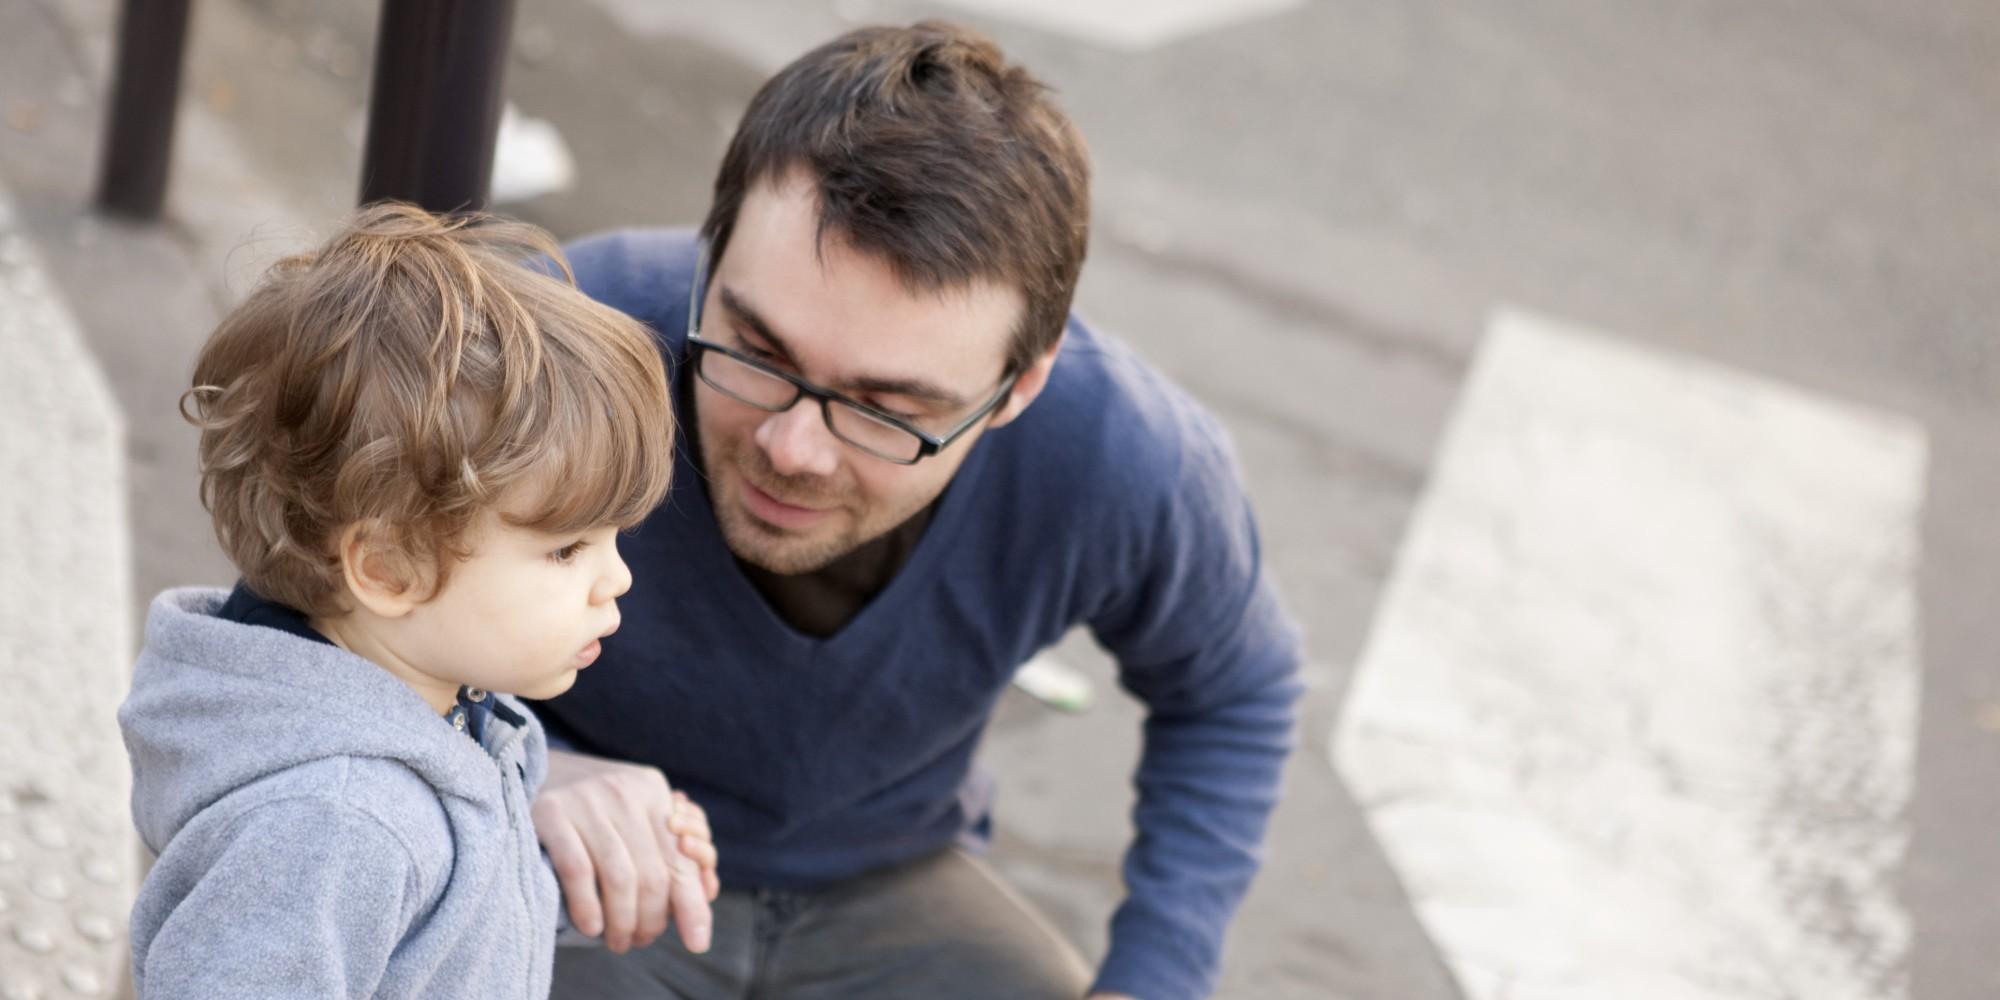 Liderança dos pais é essencial para alcançar disciplina, colaboração e respeito dos filhos